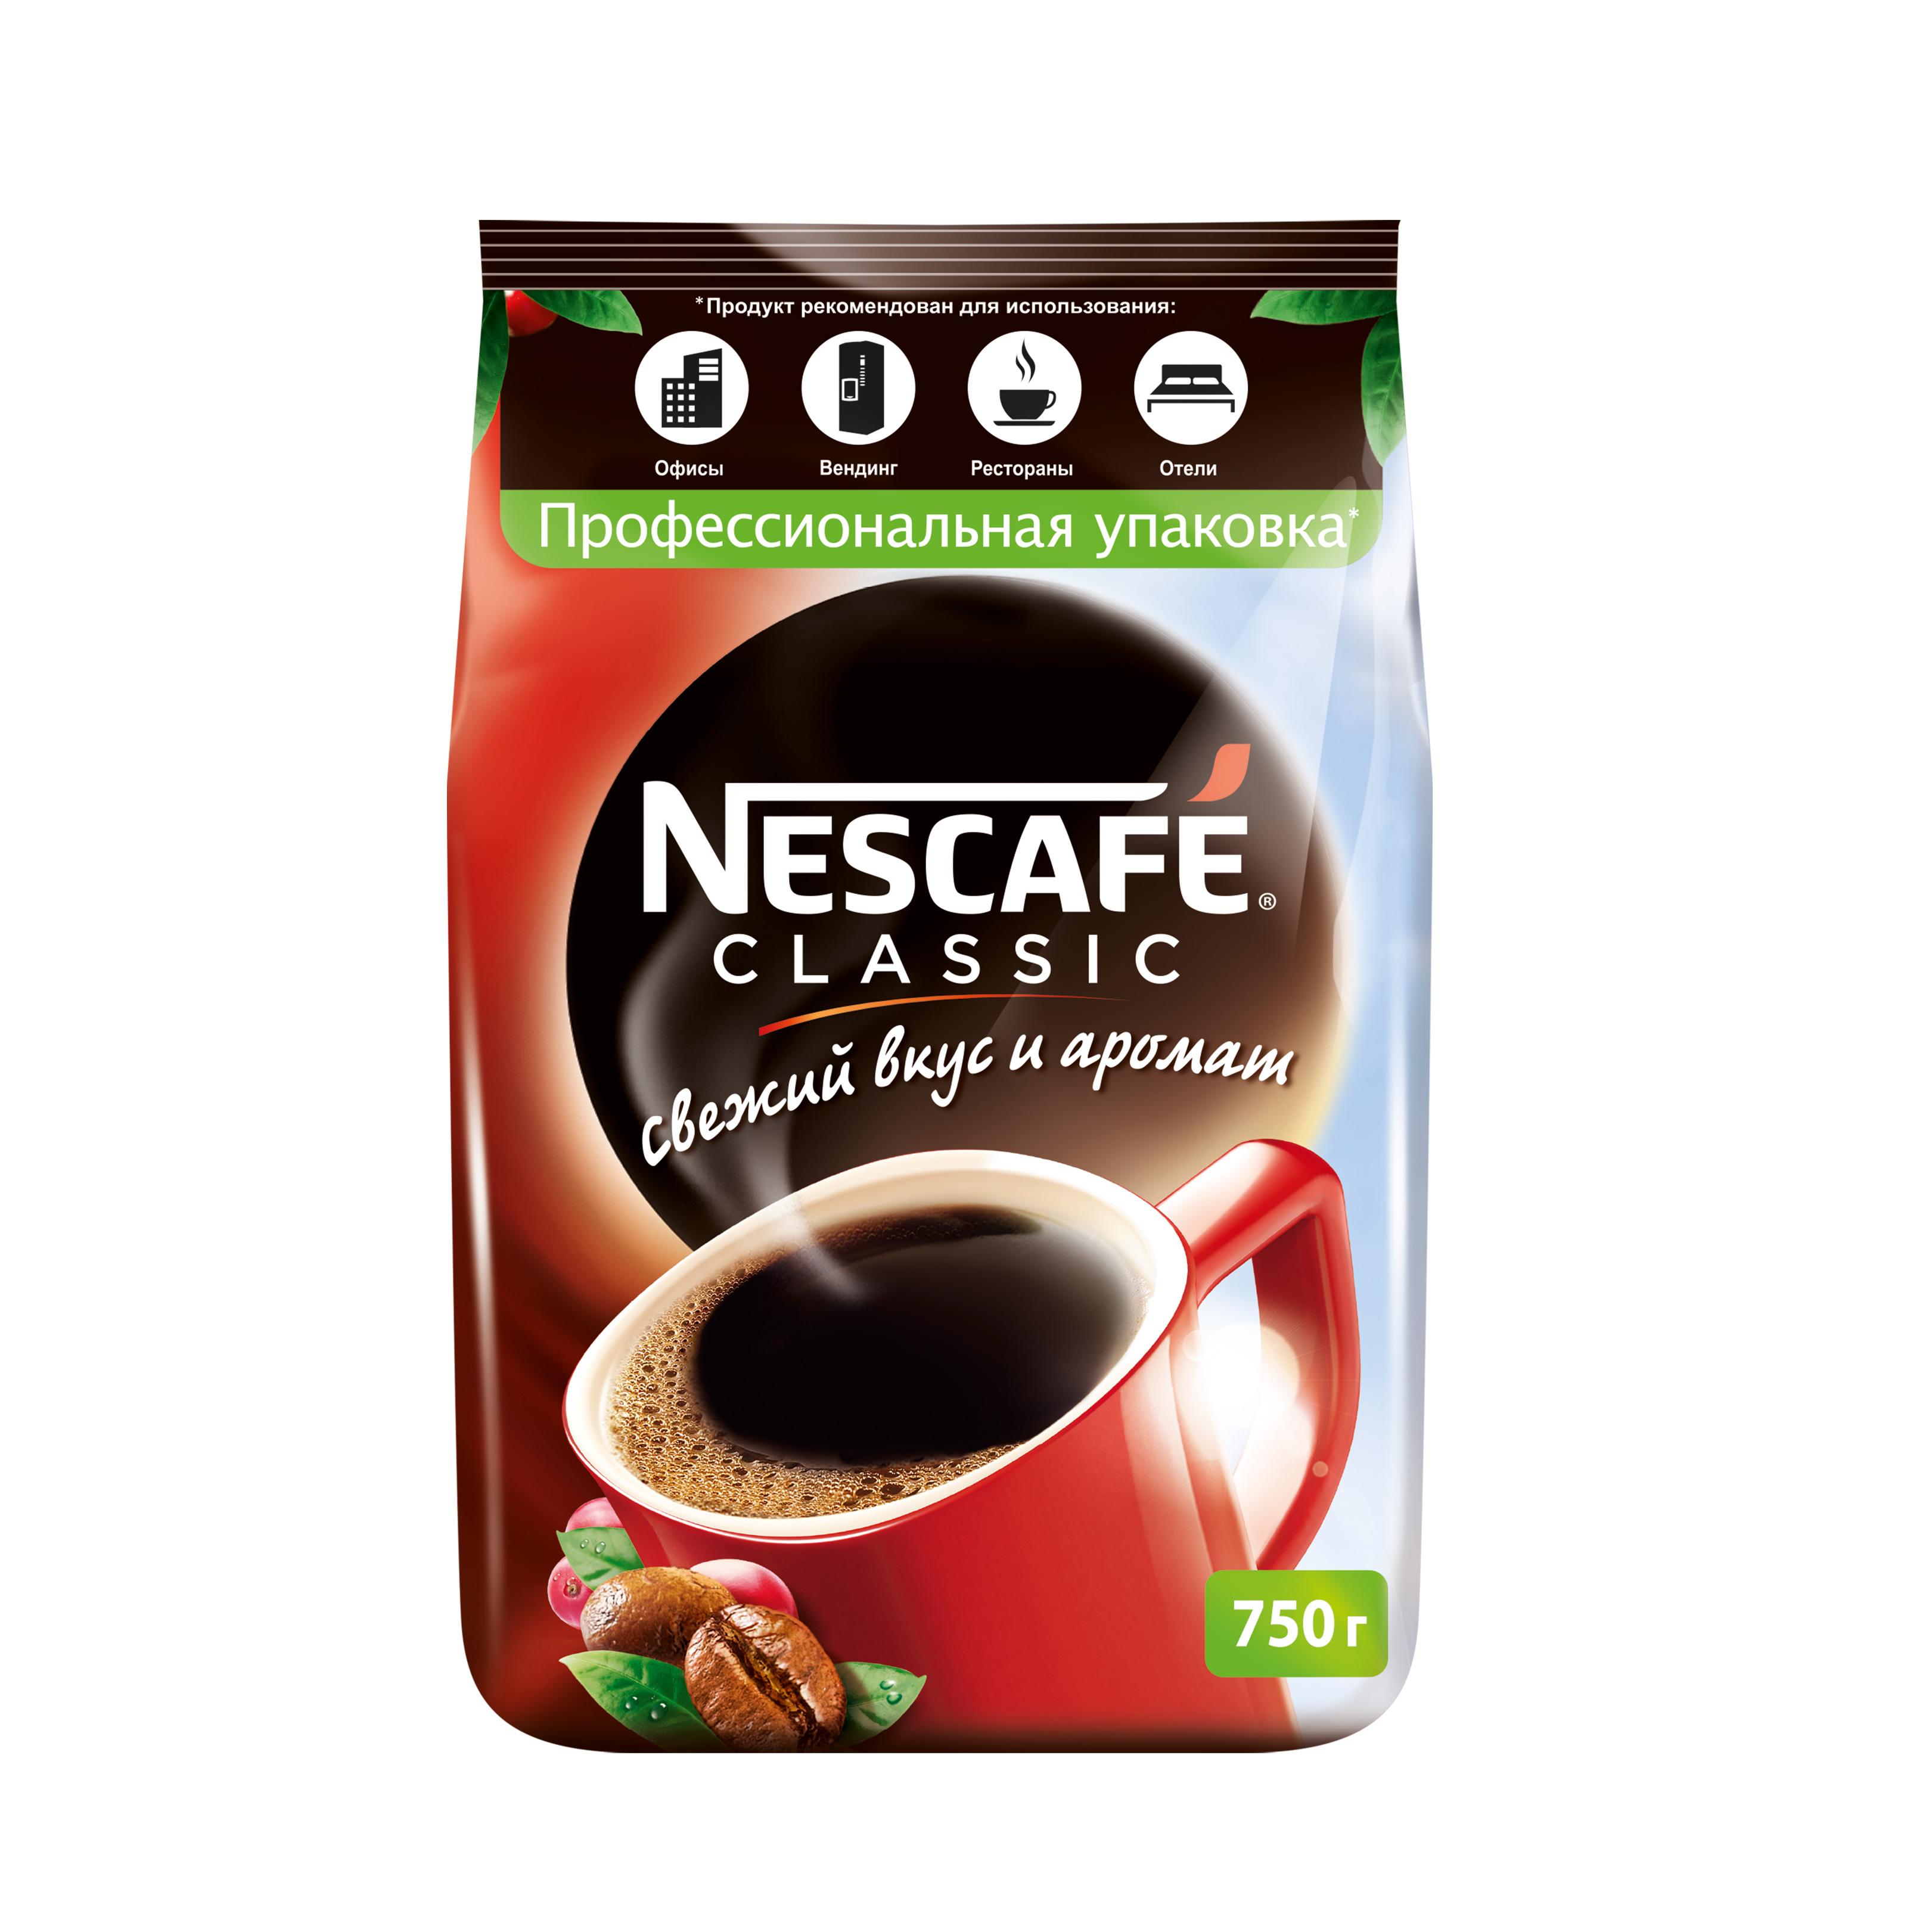 Кофе растворимый Nescafe classic пакет 750 г фото